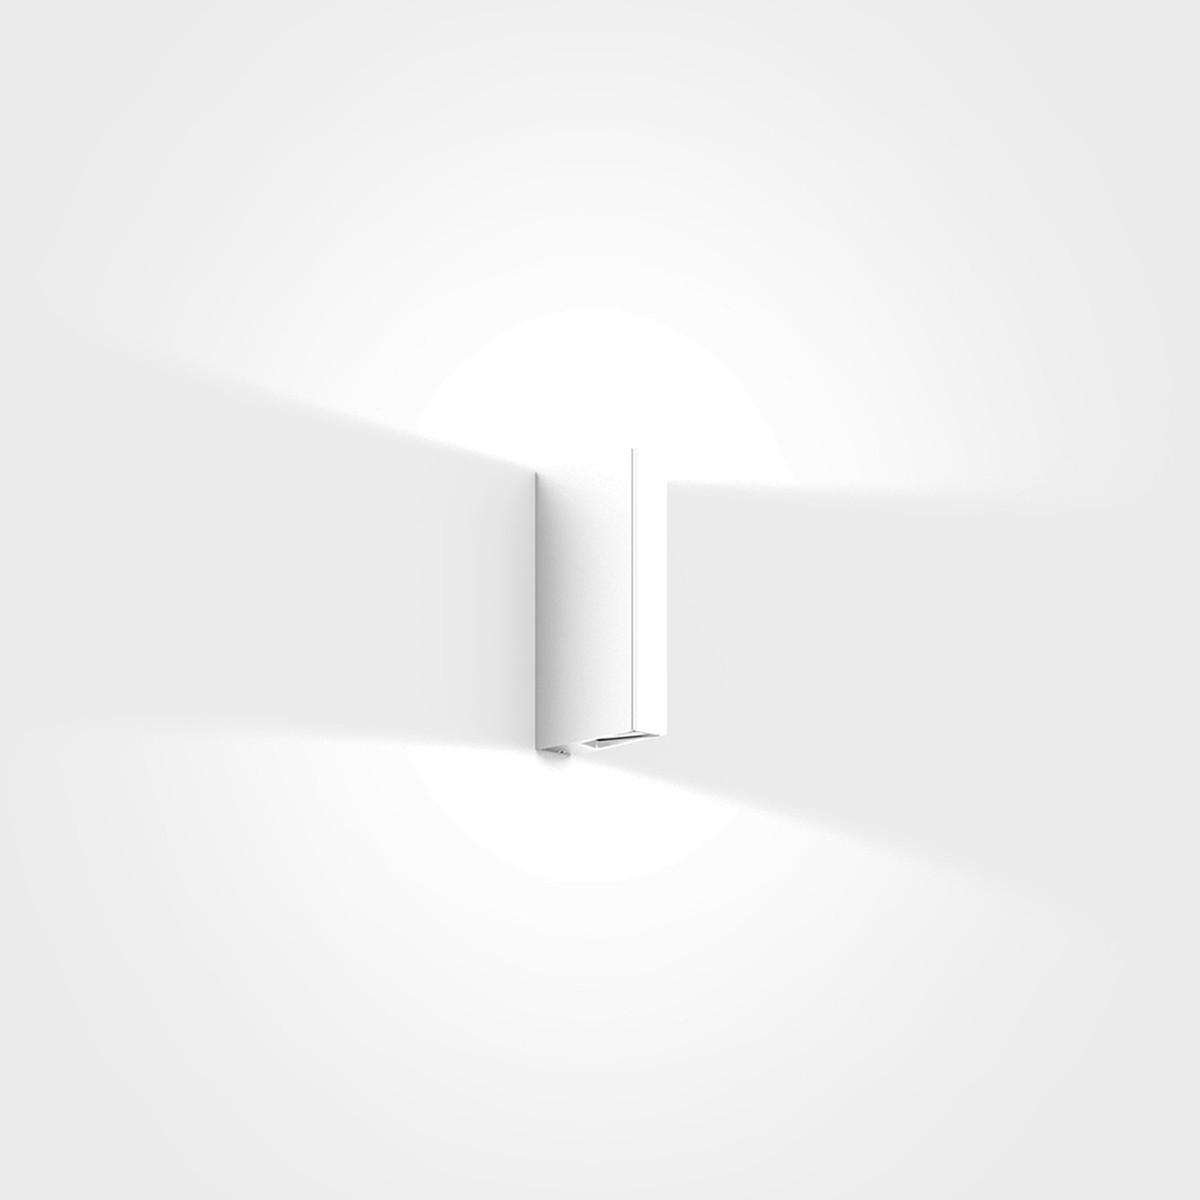 IP44.de Gap Y LED Außenwandleuchte, pure white (weiß)